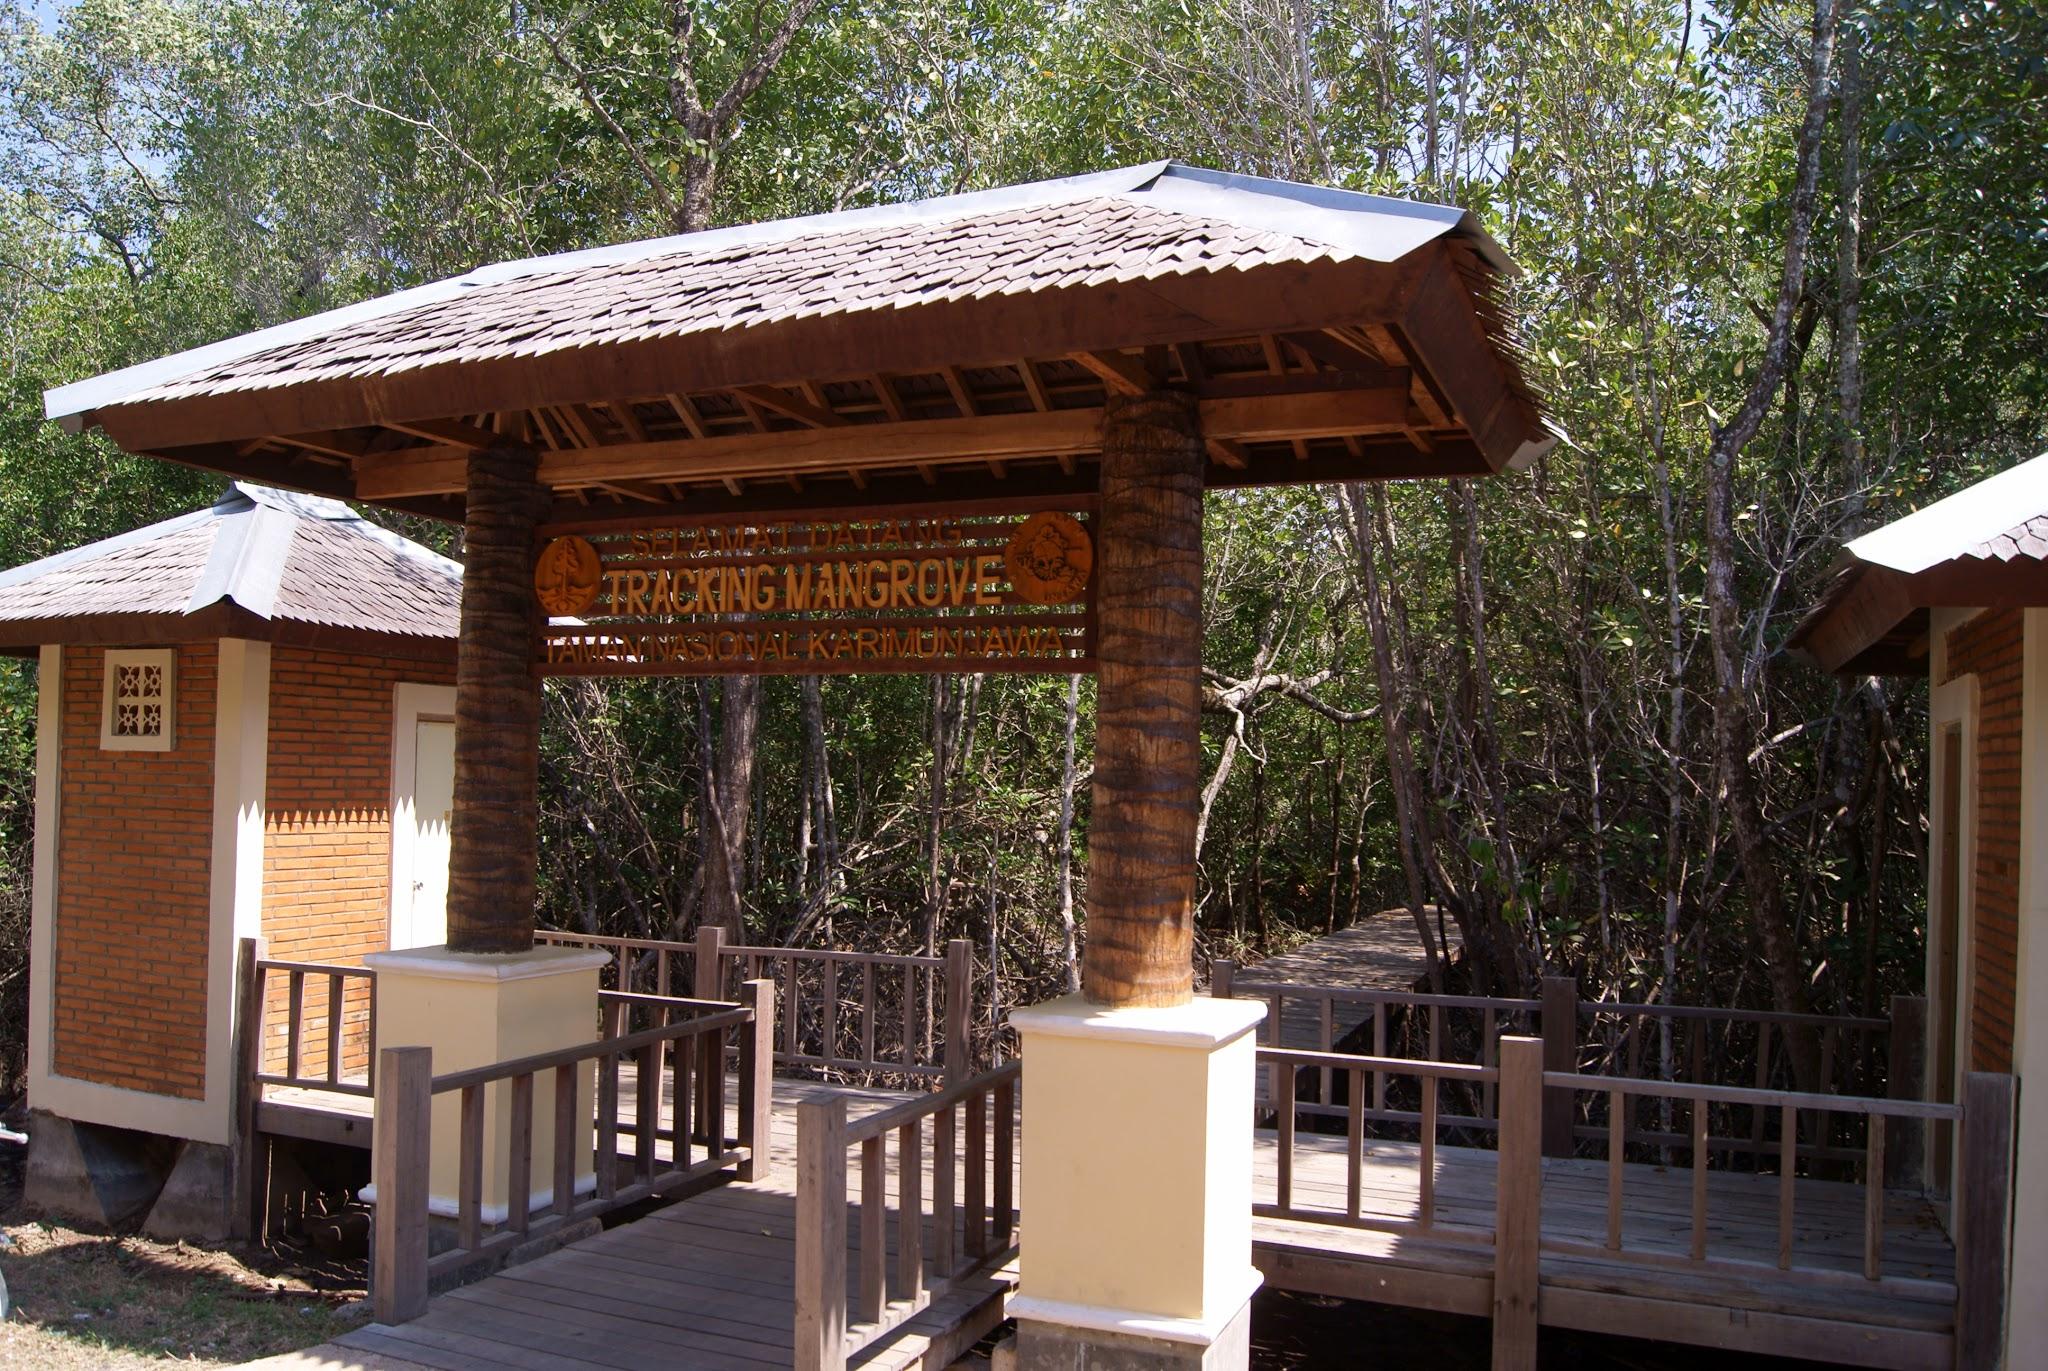 7 Destinasi yang Bisa Dikunjungi di Karimunjawa